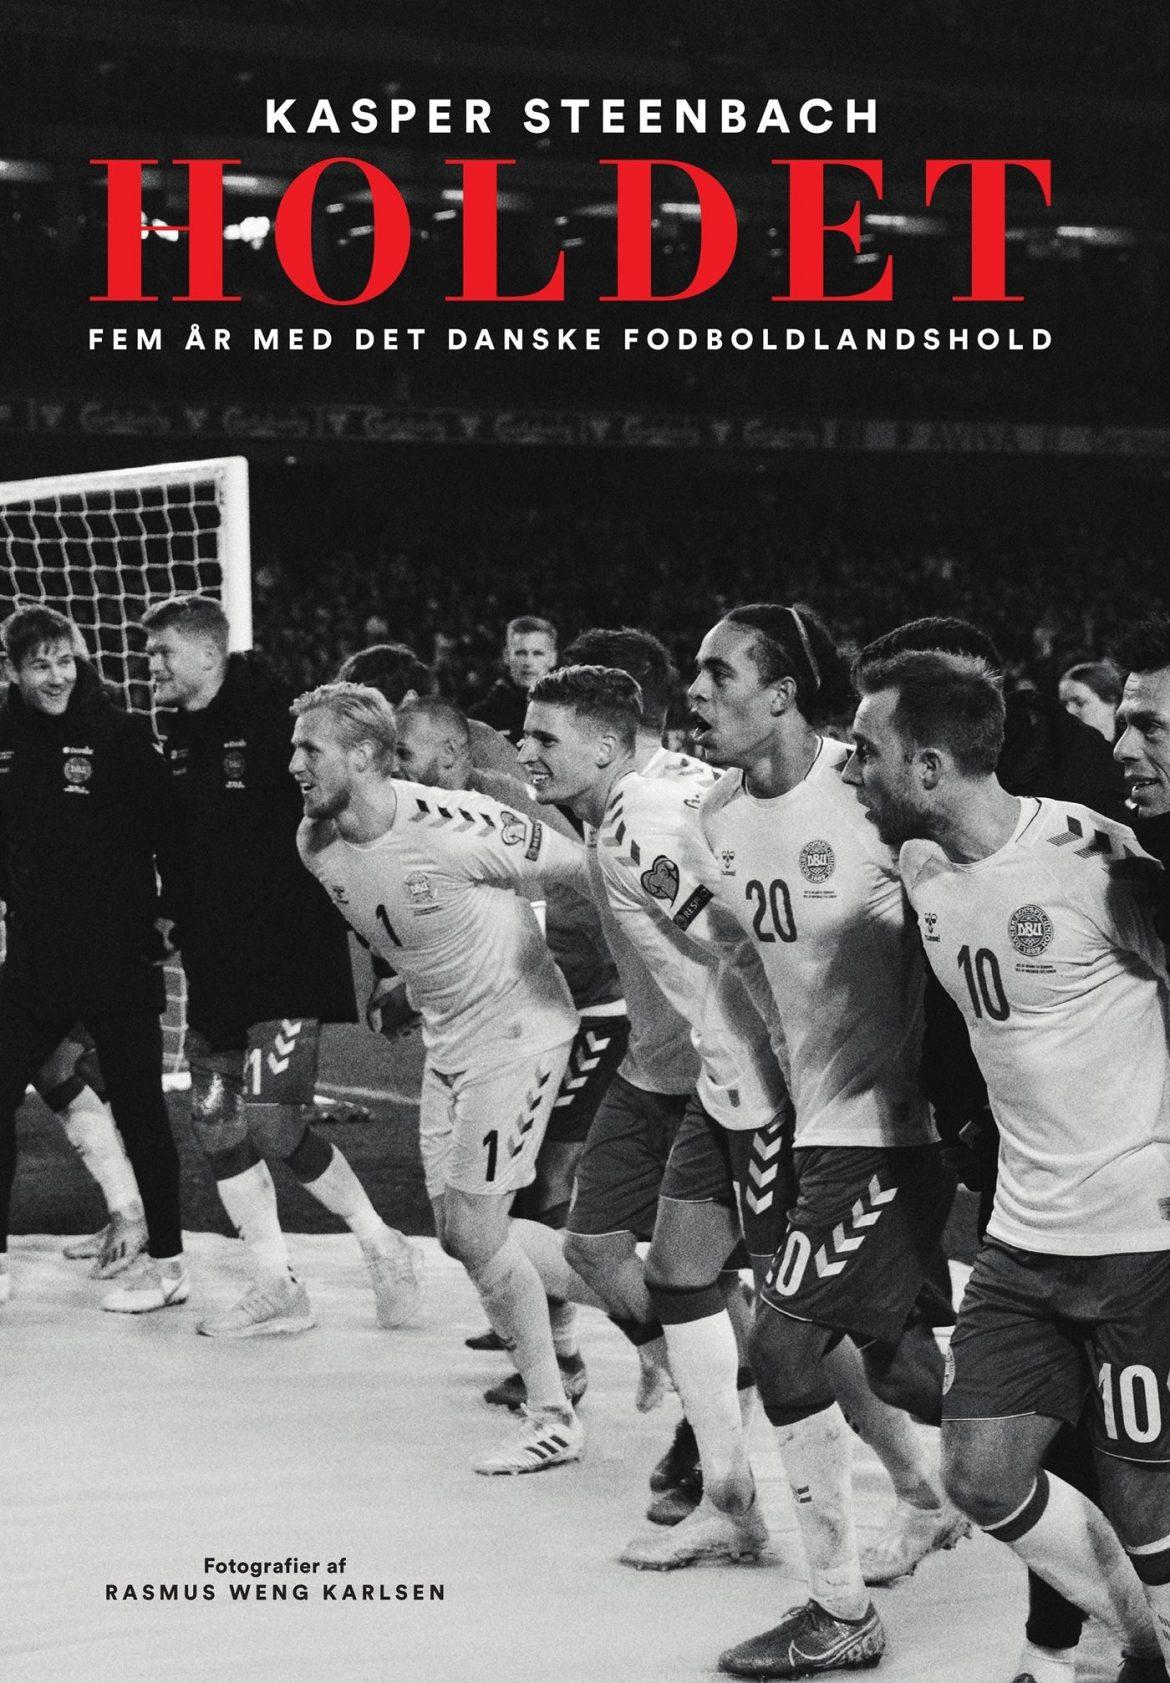 Ny bog tager læserne på en fantastisk rejse i dansk landsholdfodbold